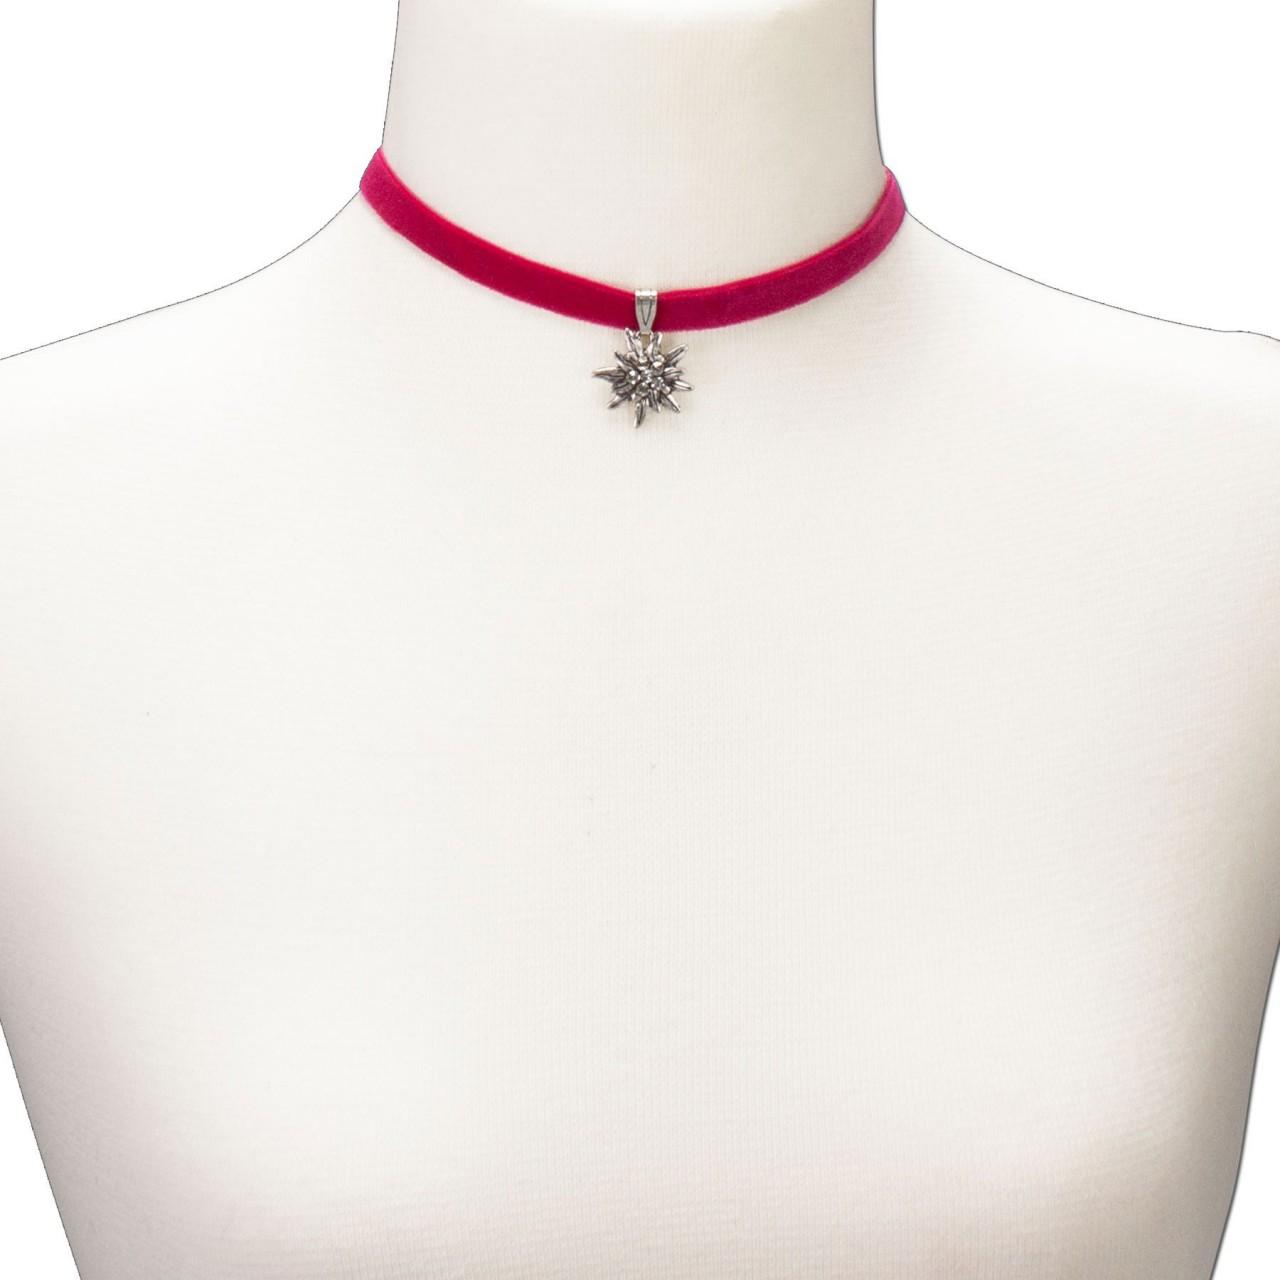 Fluwelen jurk klein edelweiss roze